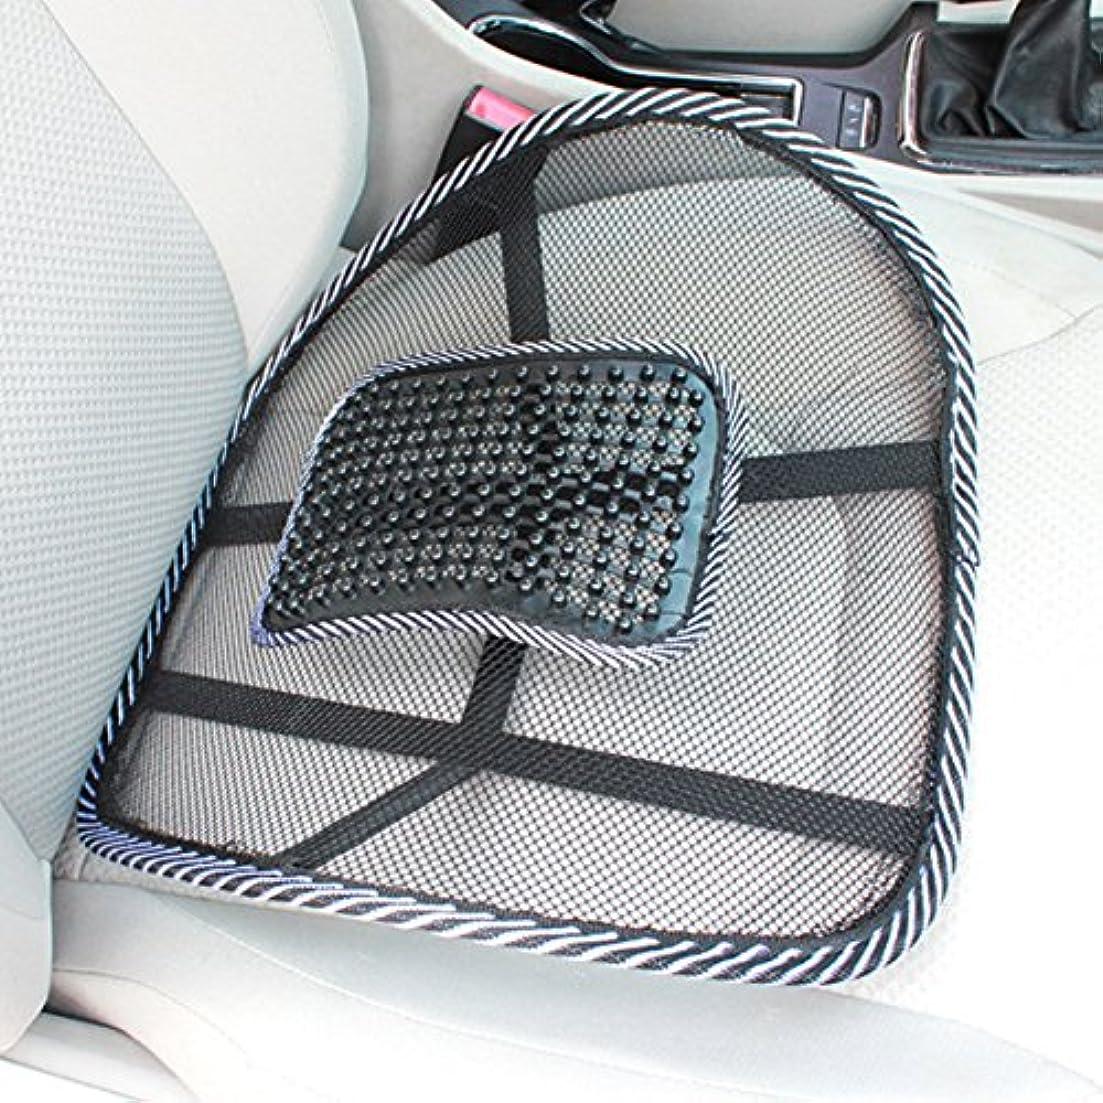 瞬時に追う微妙椅子のマッサージバック腰椎サポートメッシュ換気クッションパッド車のオフィスの座席車、オフィス、または自宅の座席のマッサージでリラックスサポート